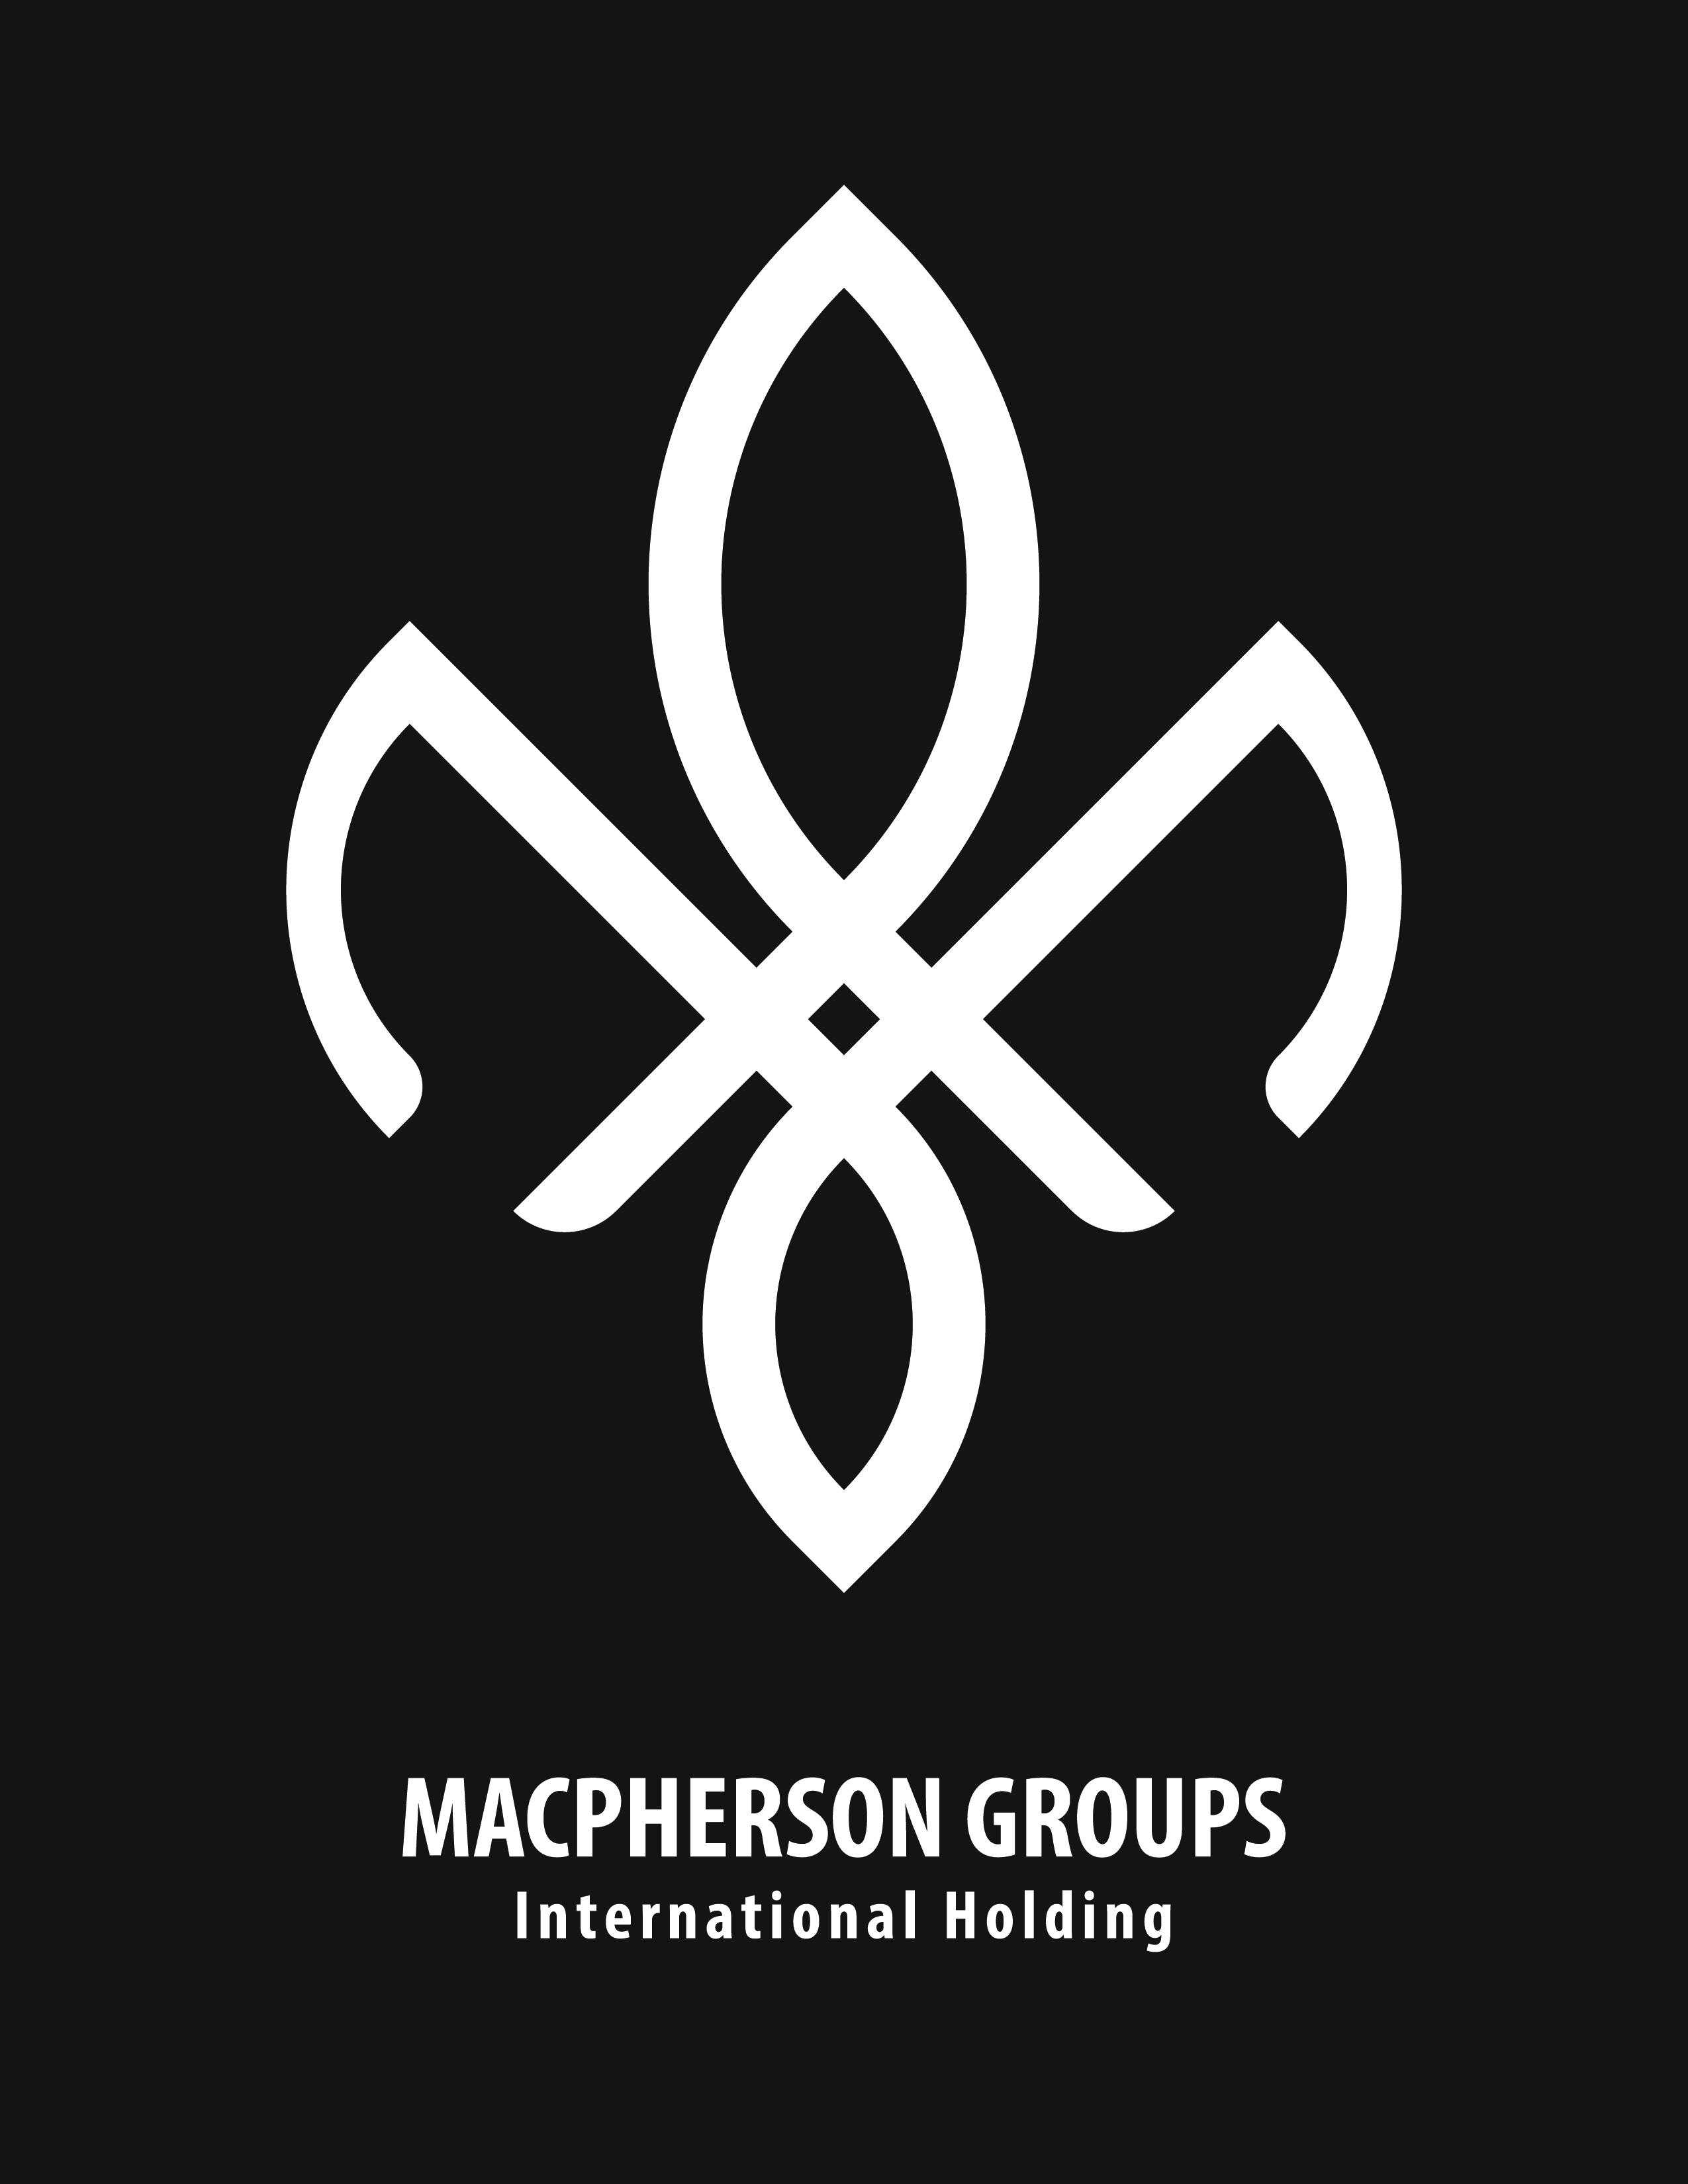 MacphersonGroups